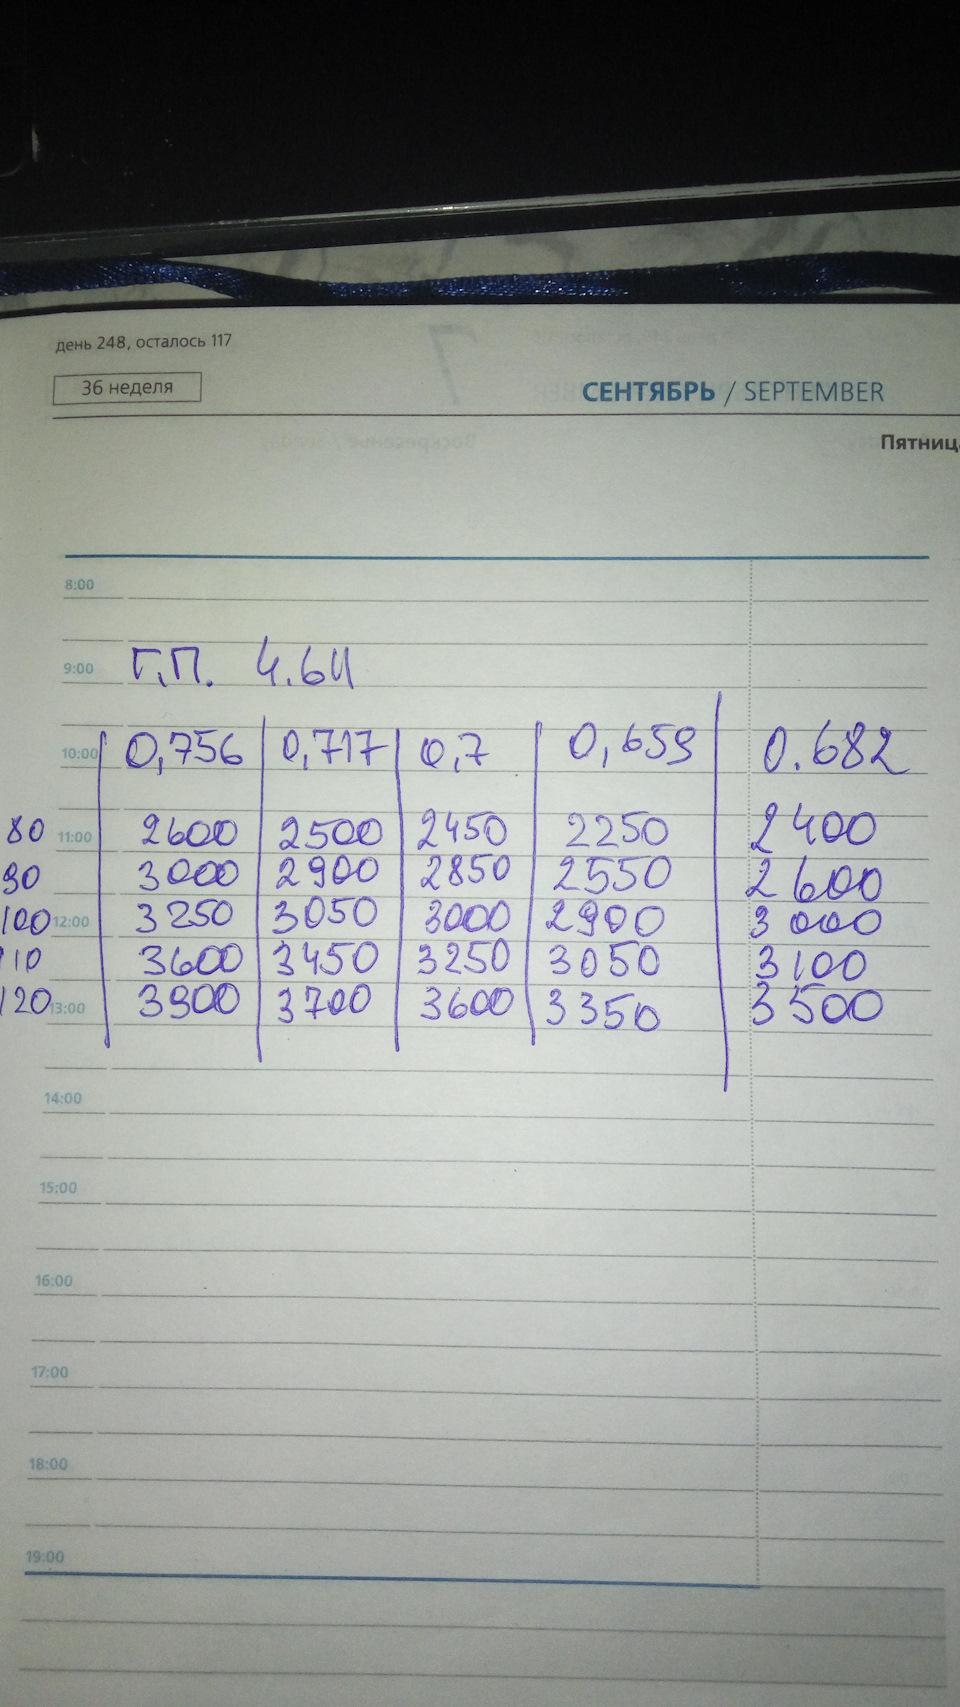 Передаточное число транспортер т4 транспортеры в железной